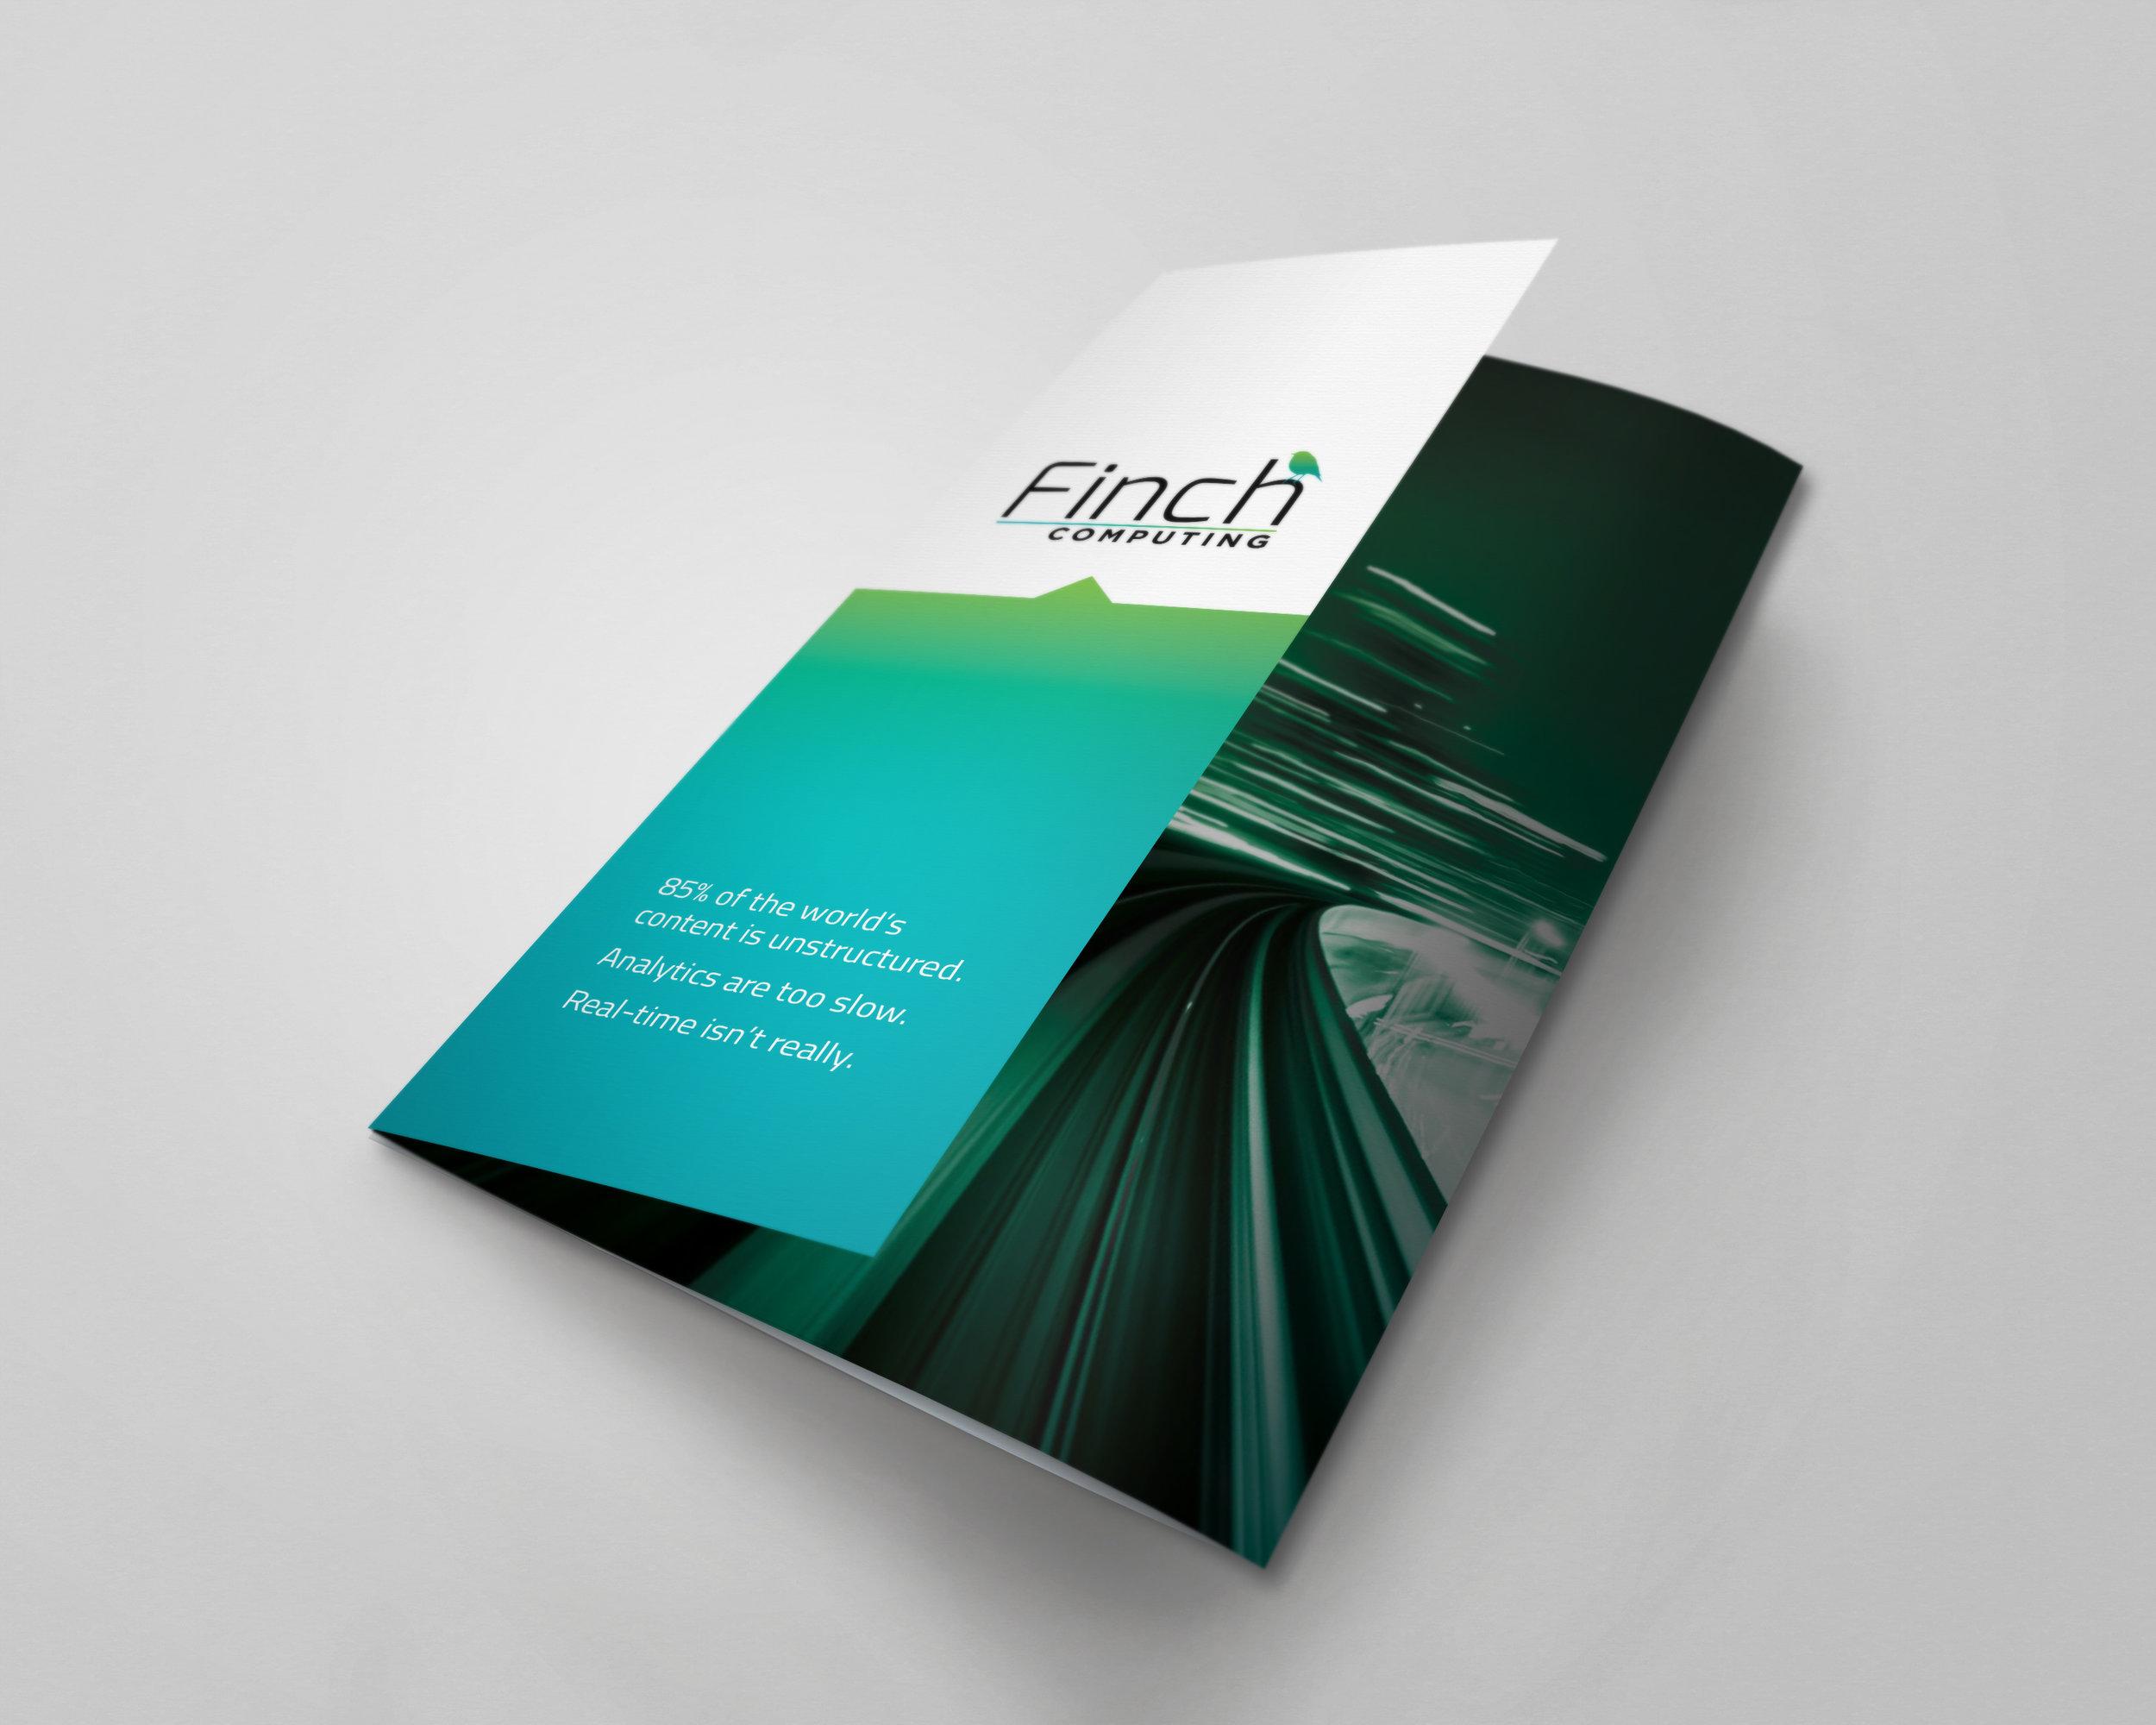 Finch tri-fold.jpg